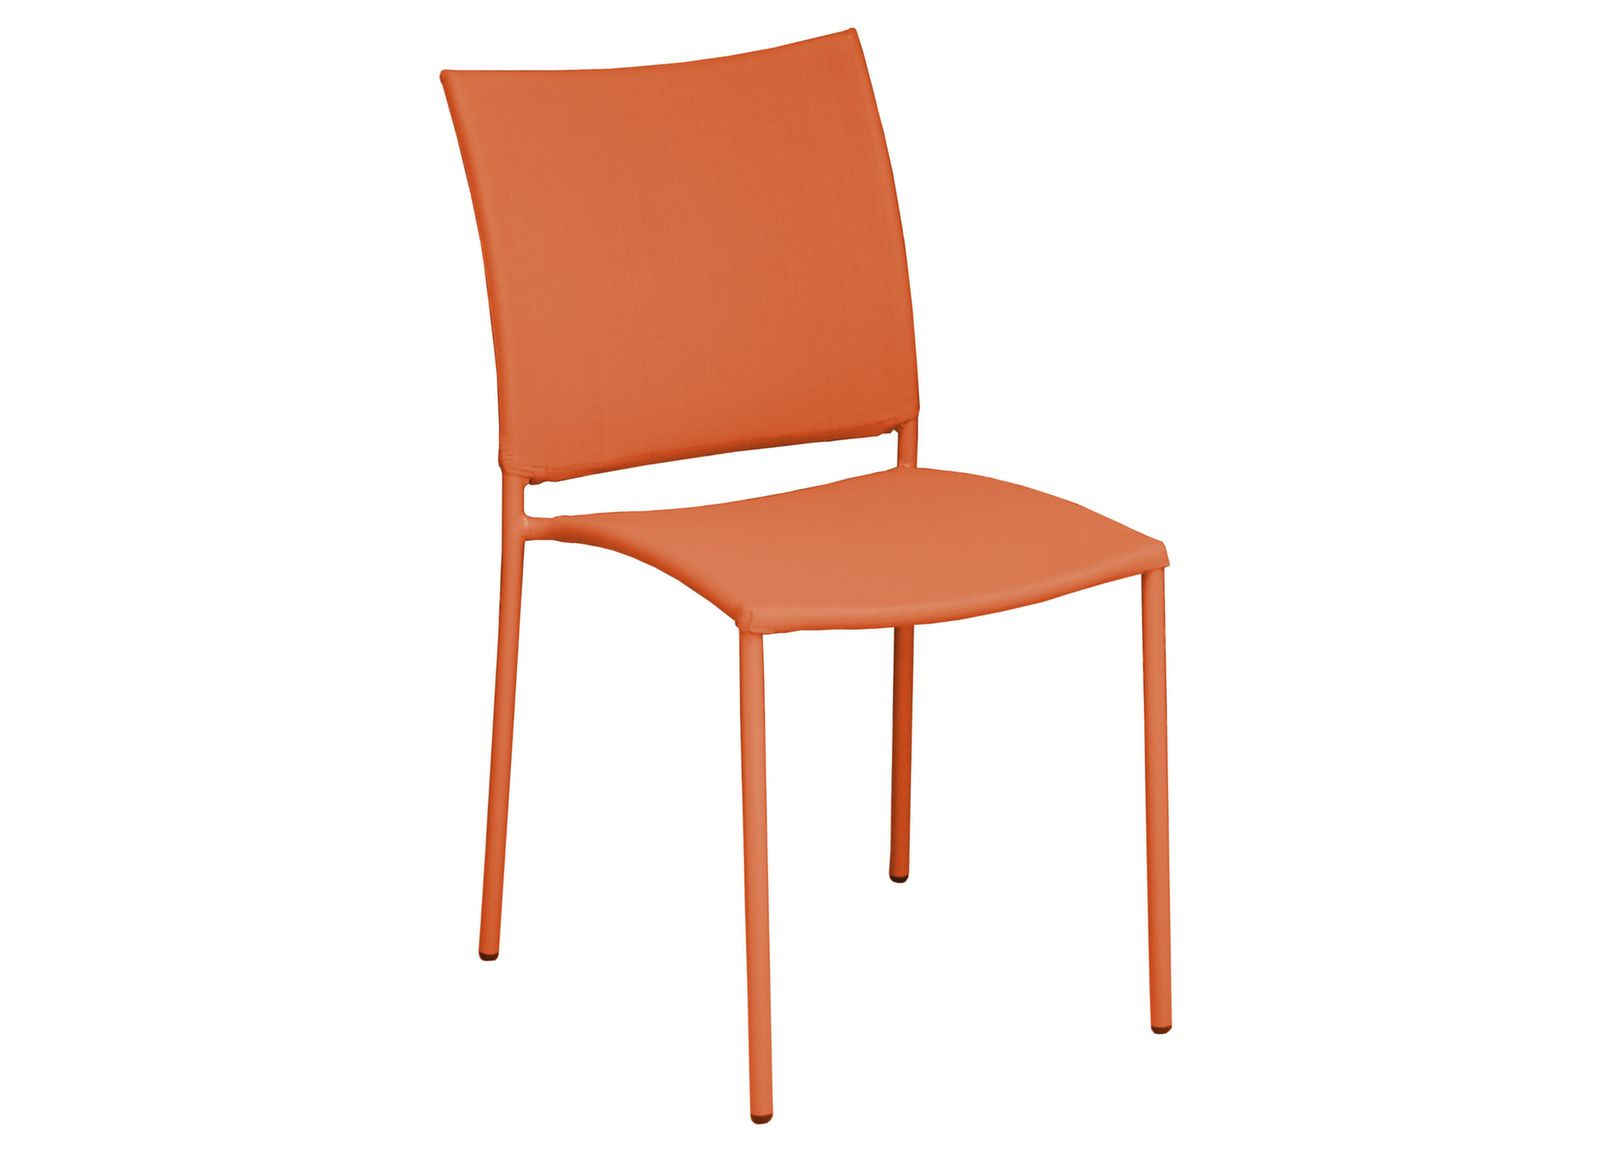 Chaise globe empilable meuble d 39 ext rieur par proloisirs - Chaise de jardin empilable ...